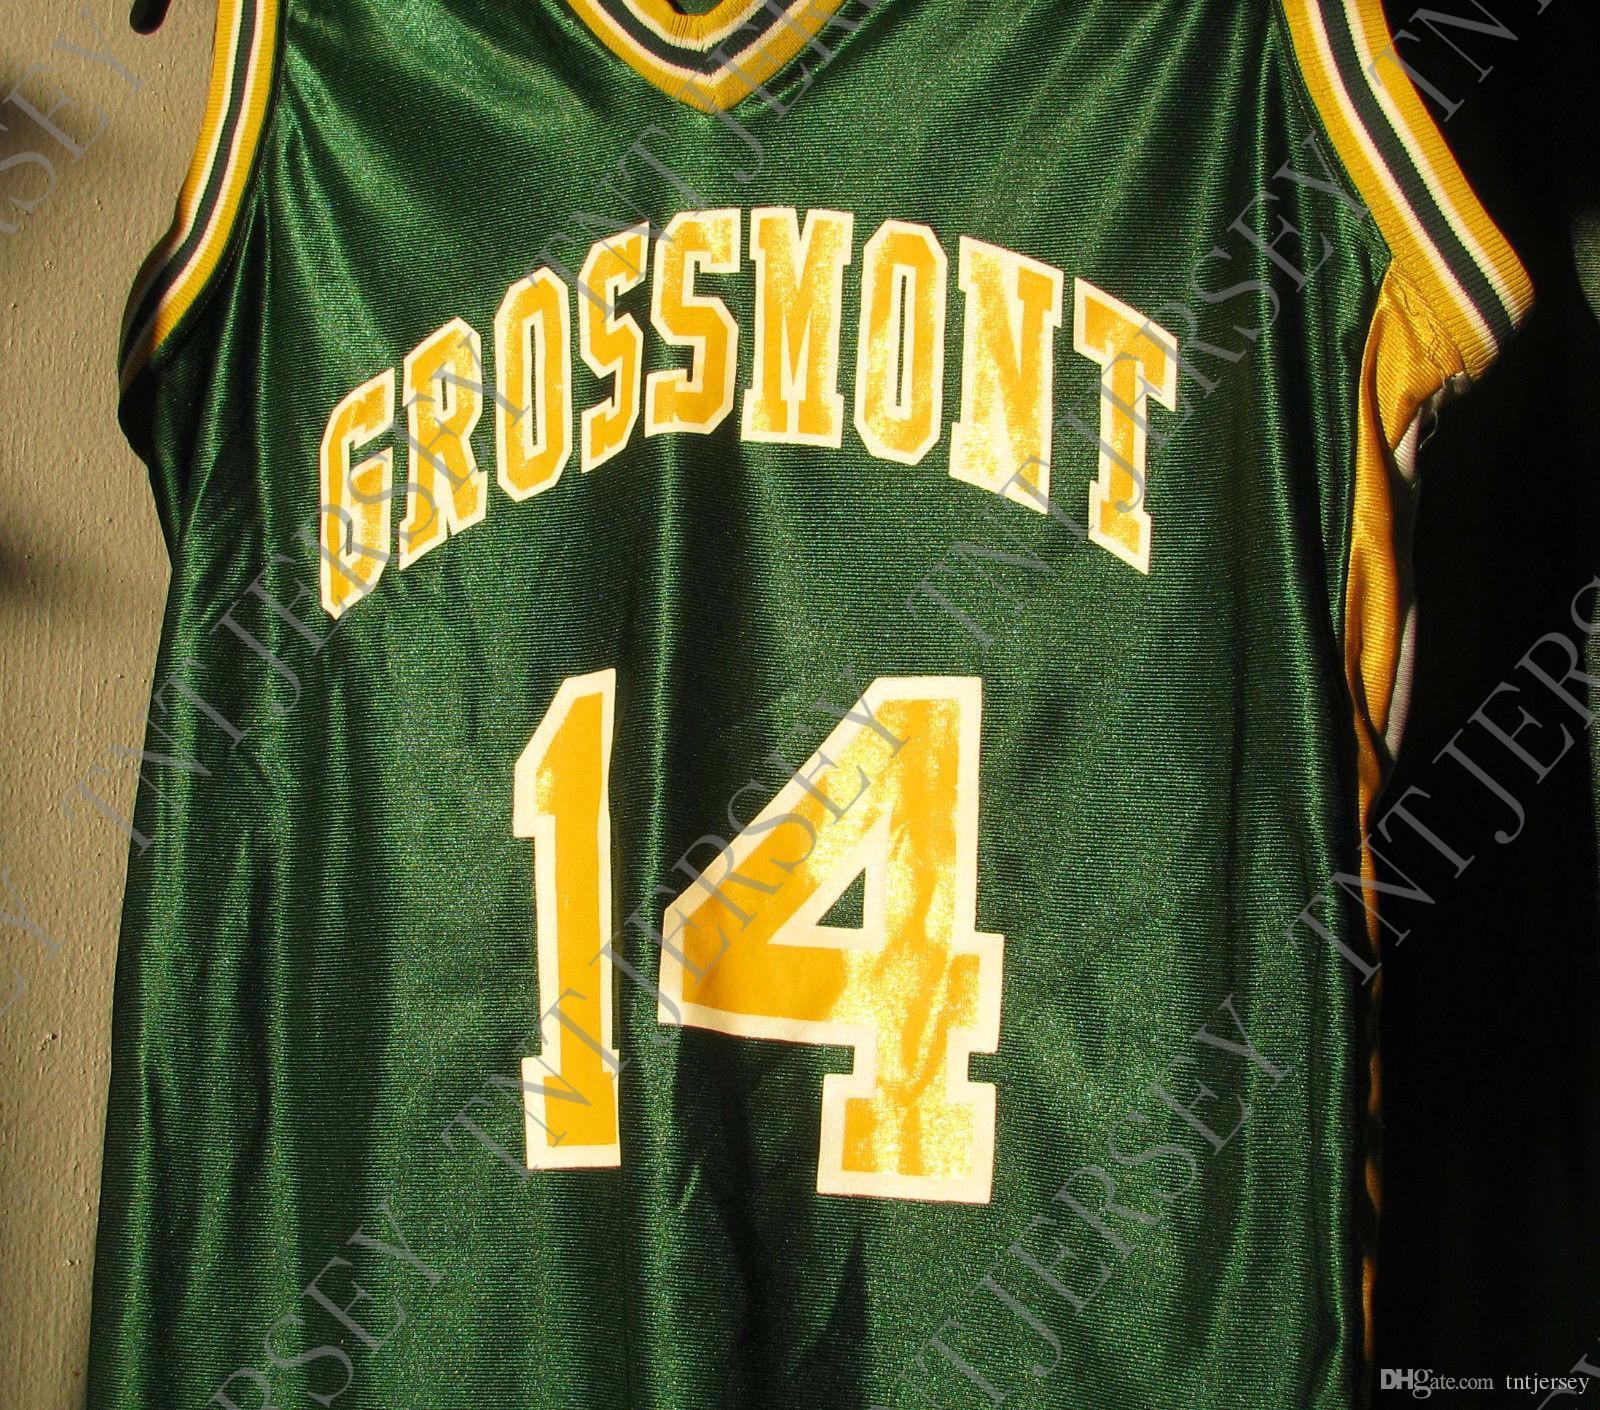 ordinazione poco costoso Grossmont College Green Basket Team Jersey ricamati Personalizza qualsiasi numero nome UOMINI DONNE GIOVANI JERSEY XS-5XL